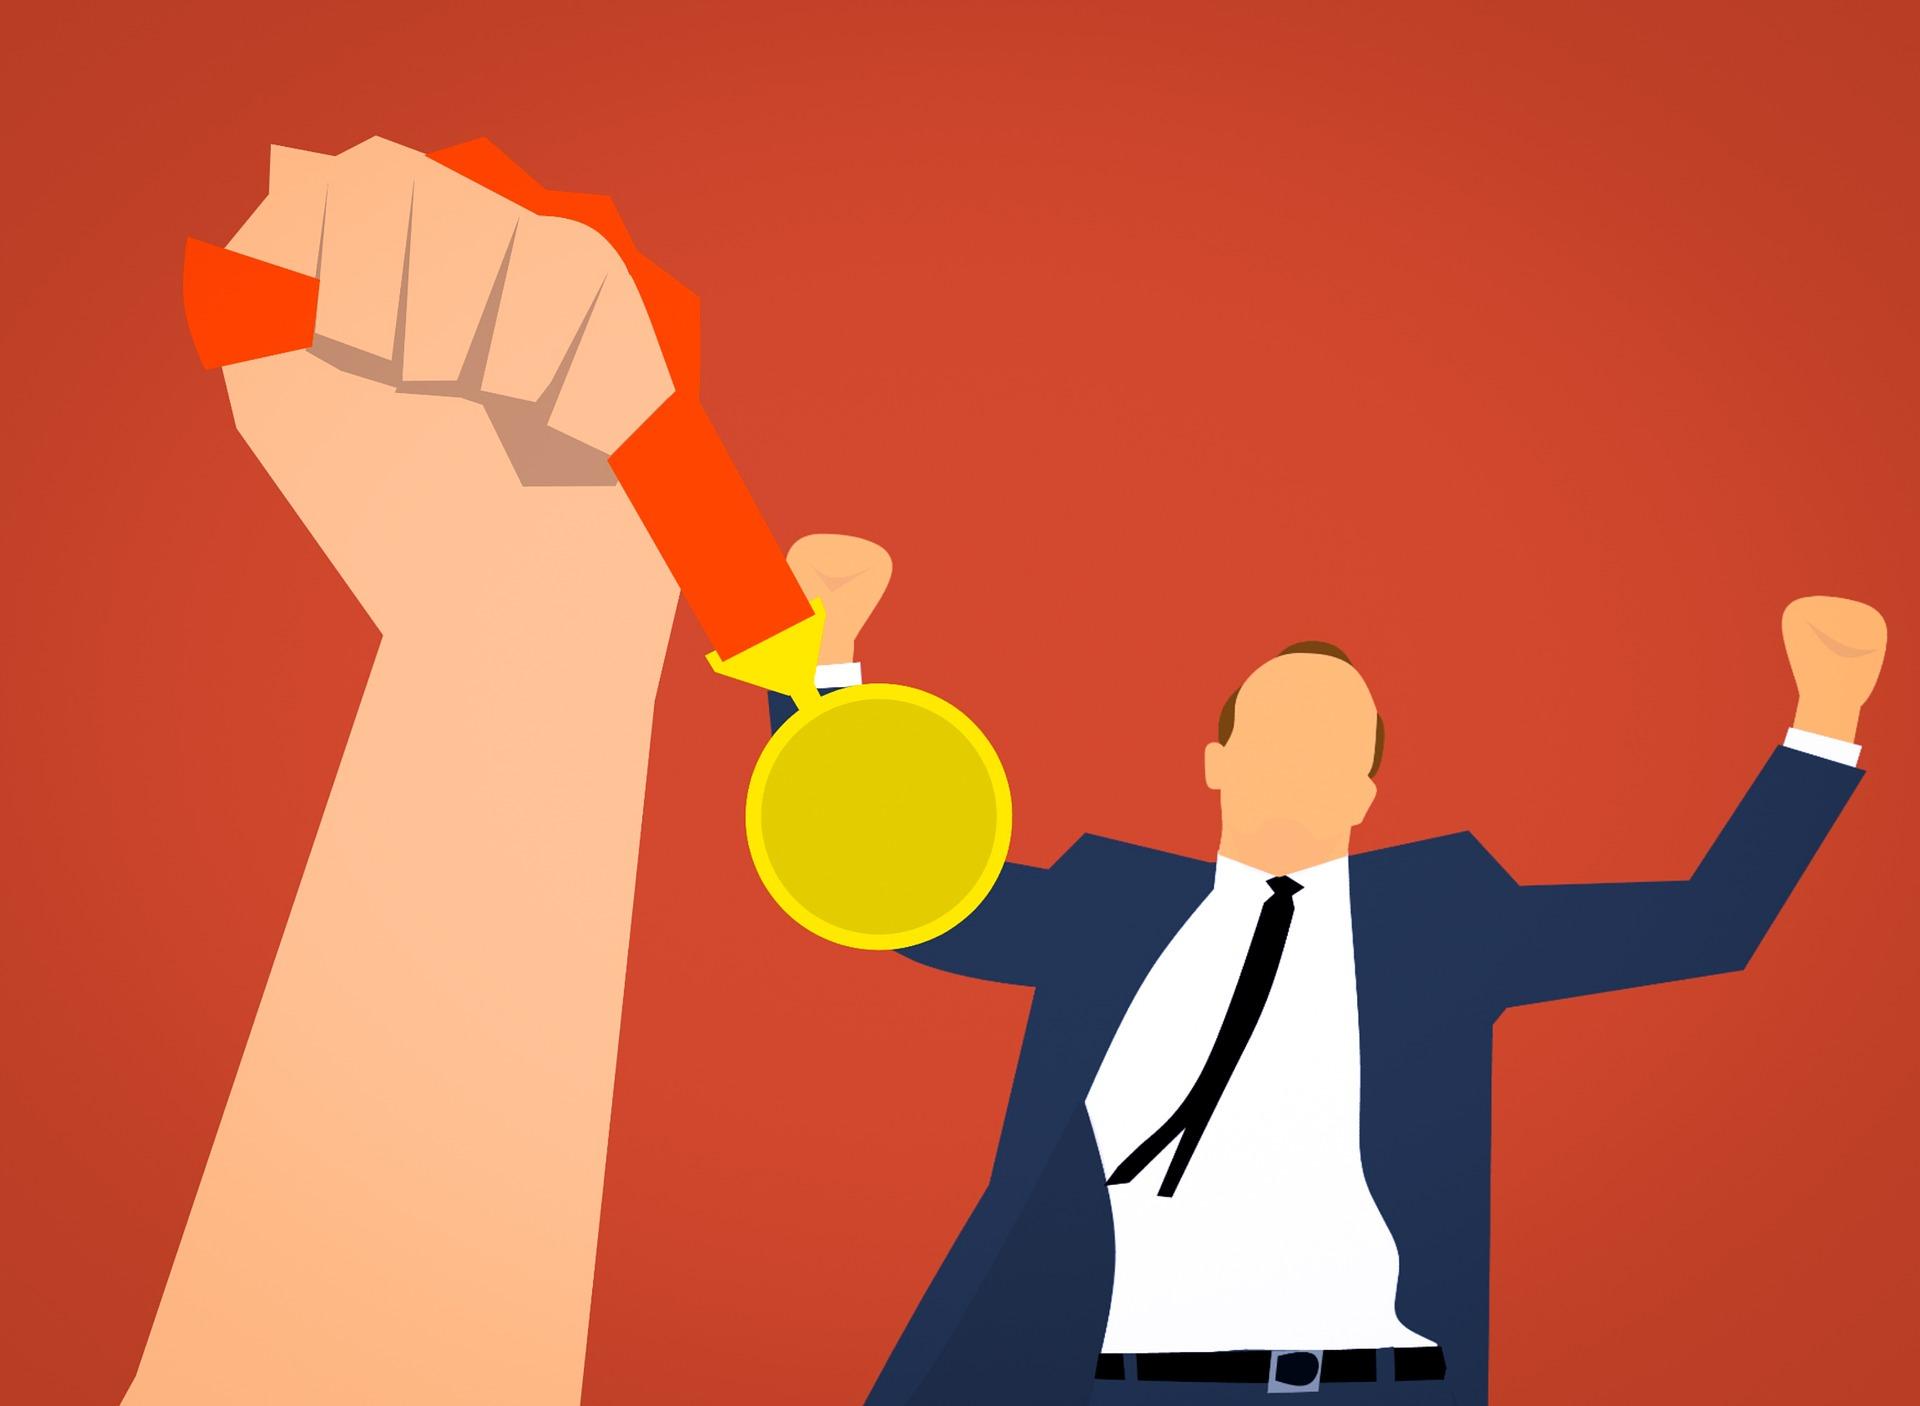 medal-3176450_1920.jpg